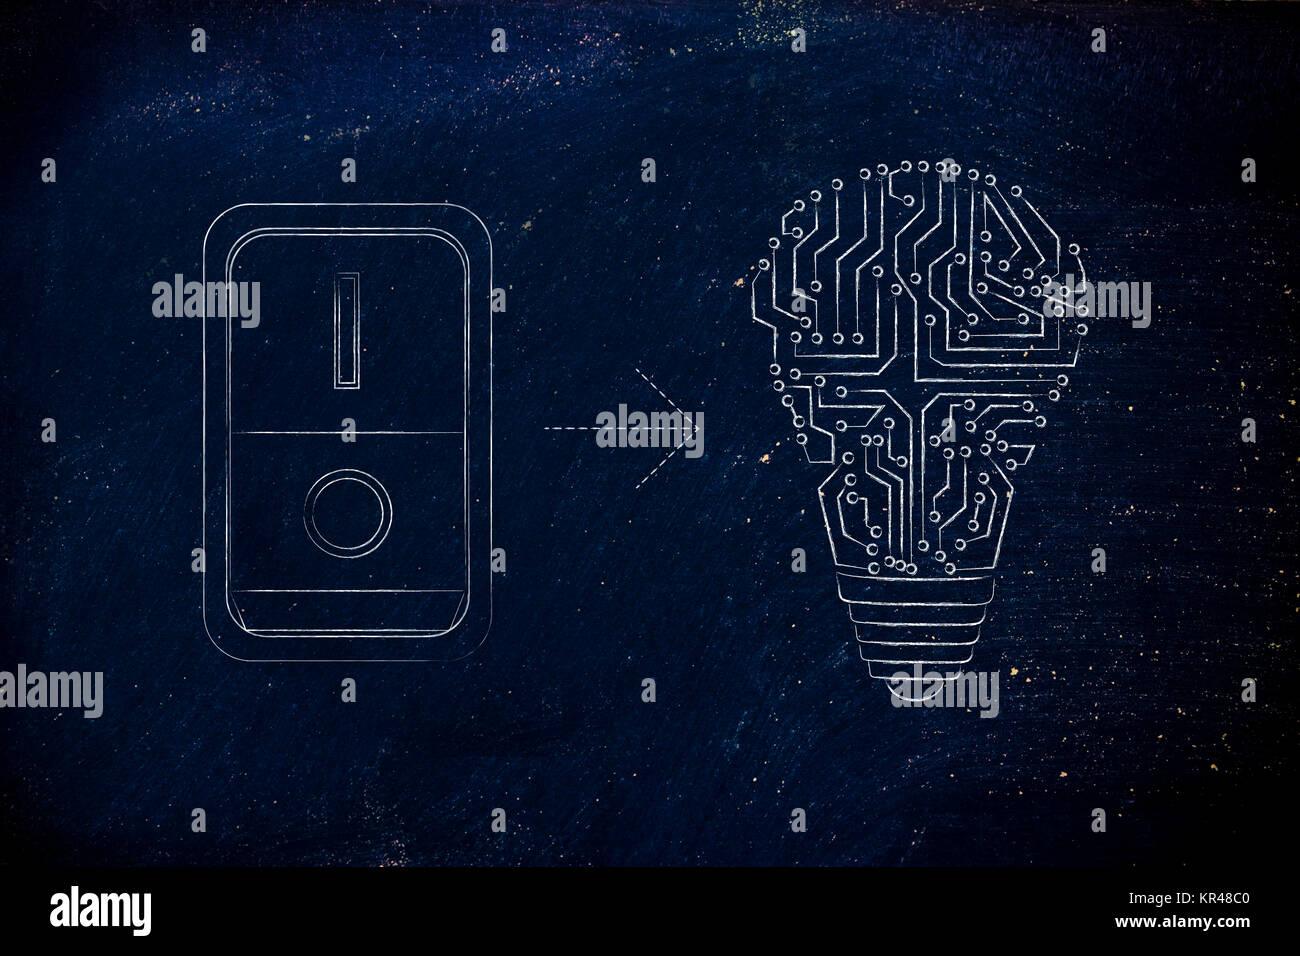 Logic Gate Stockfotos & Logic Gate Bilder - Alamy